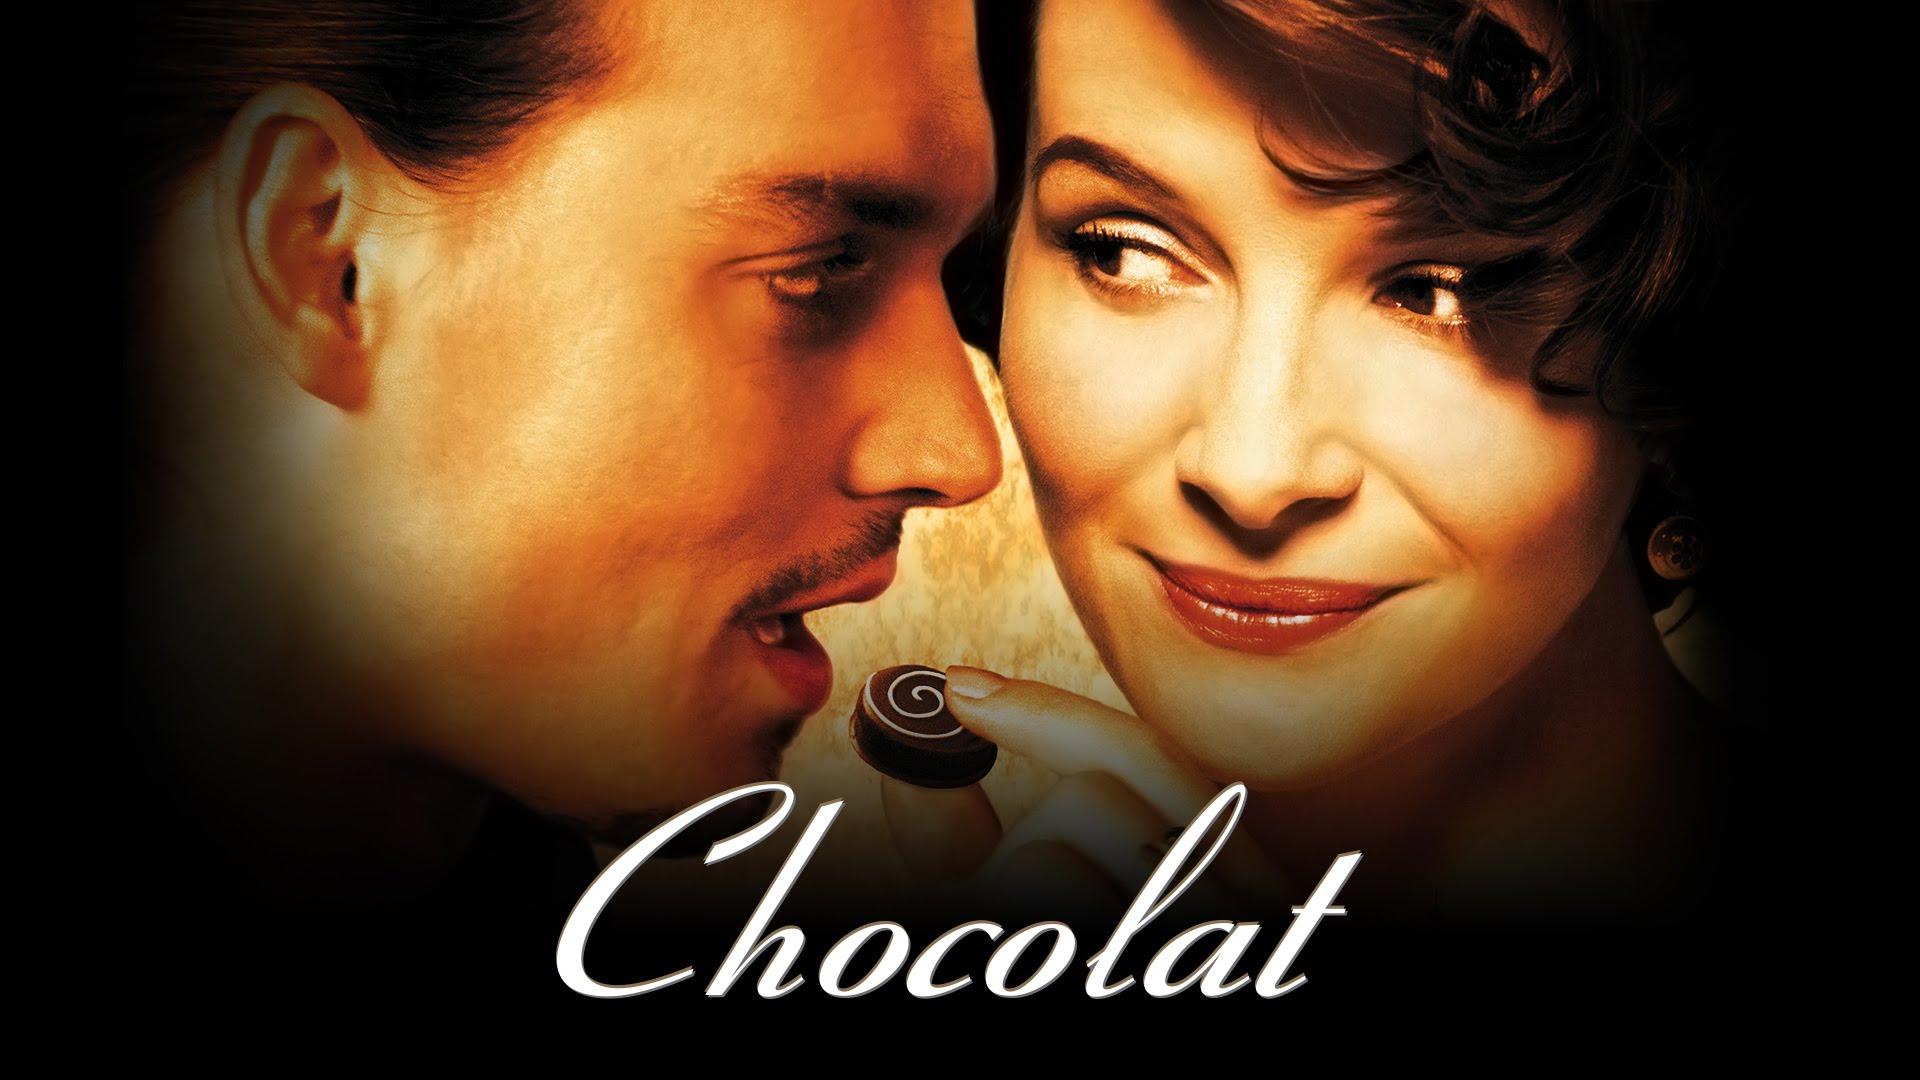 Chocolat, tra le novità Netflix di Settembre